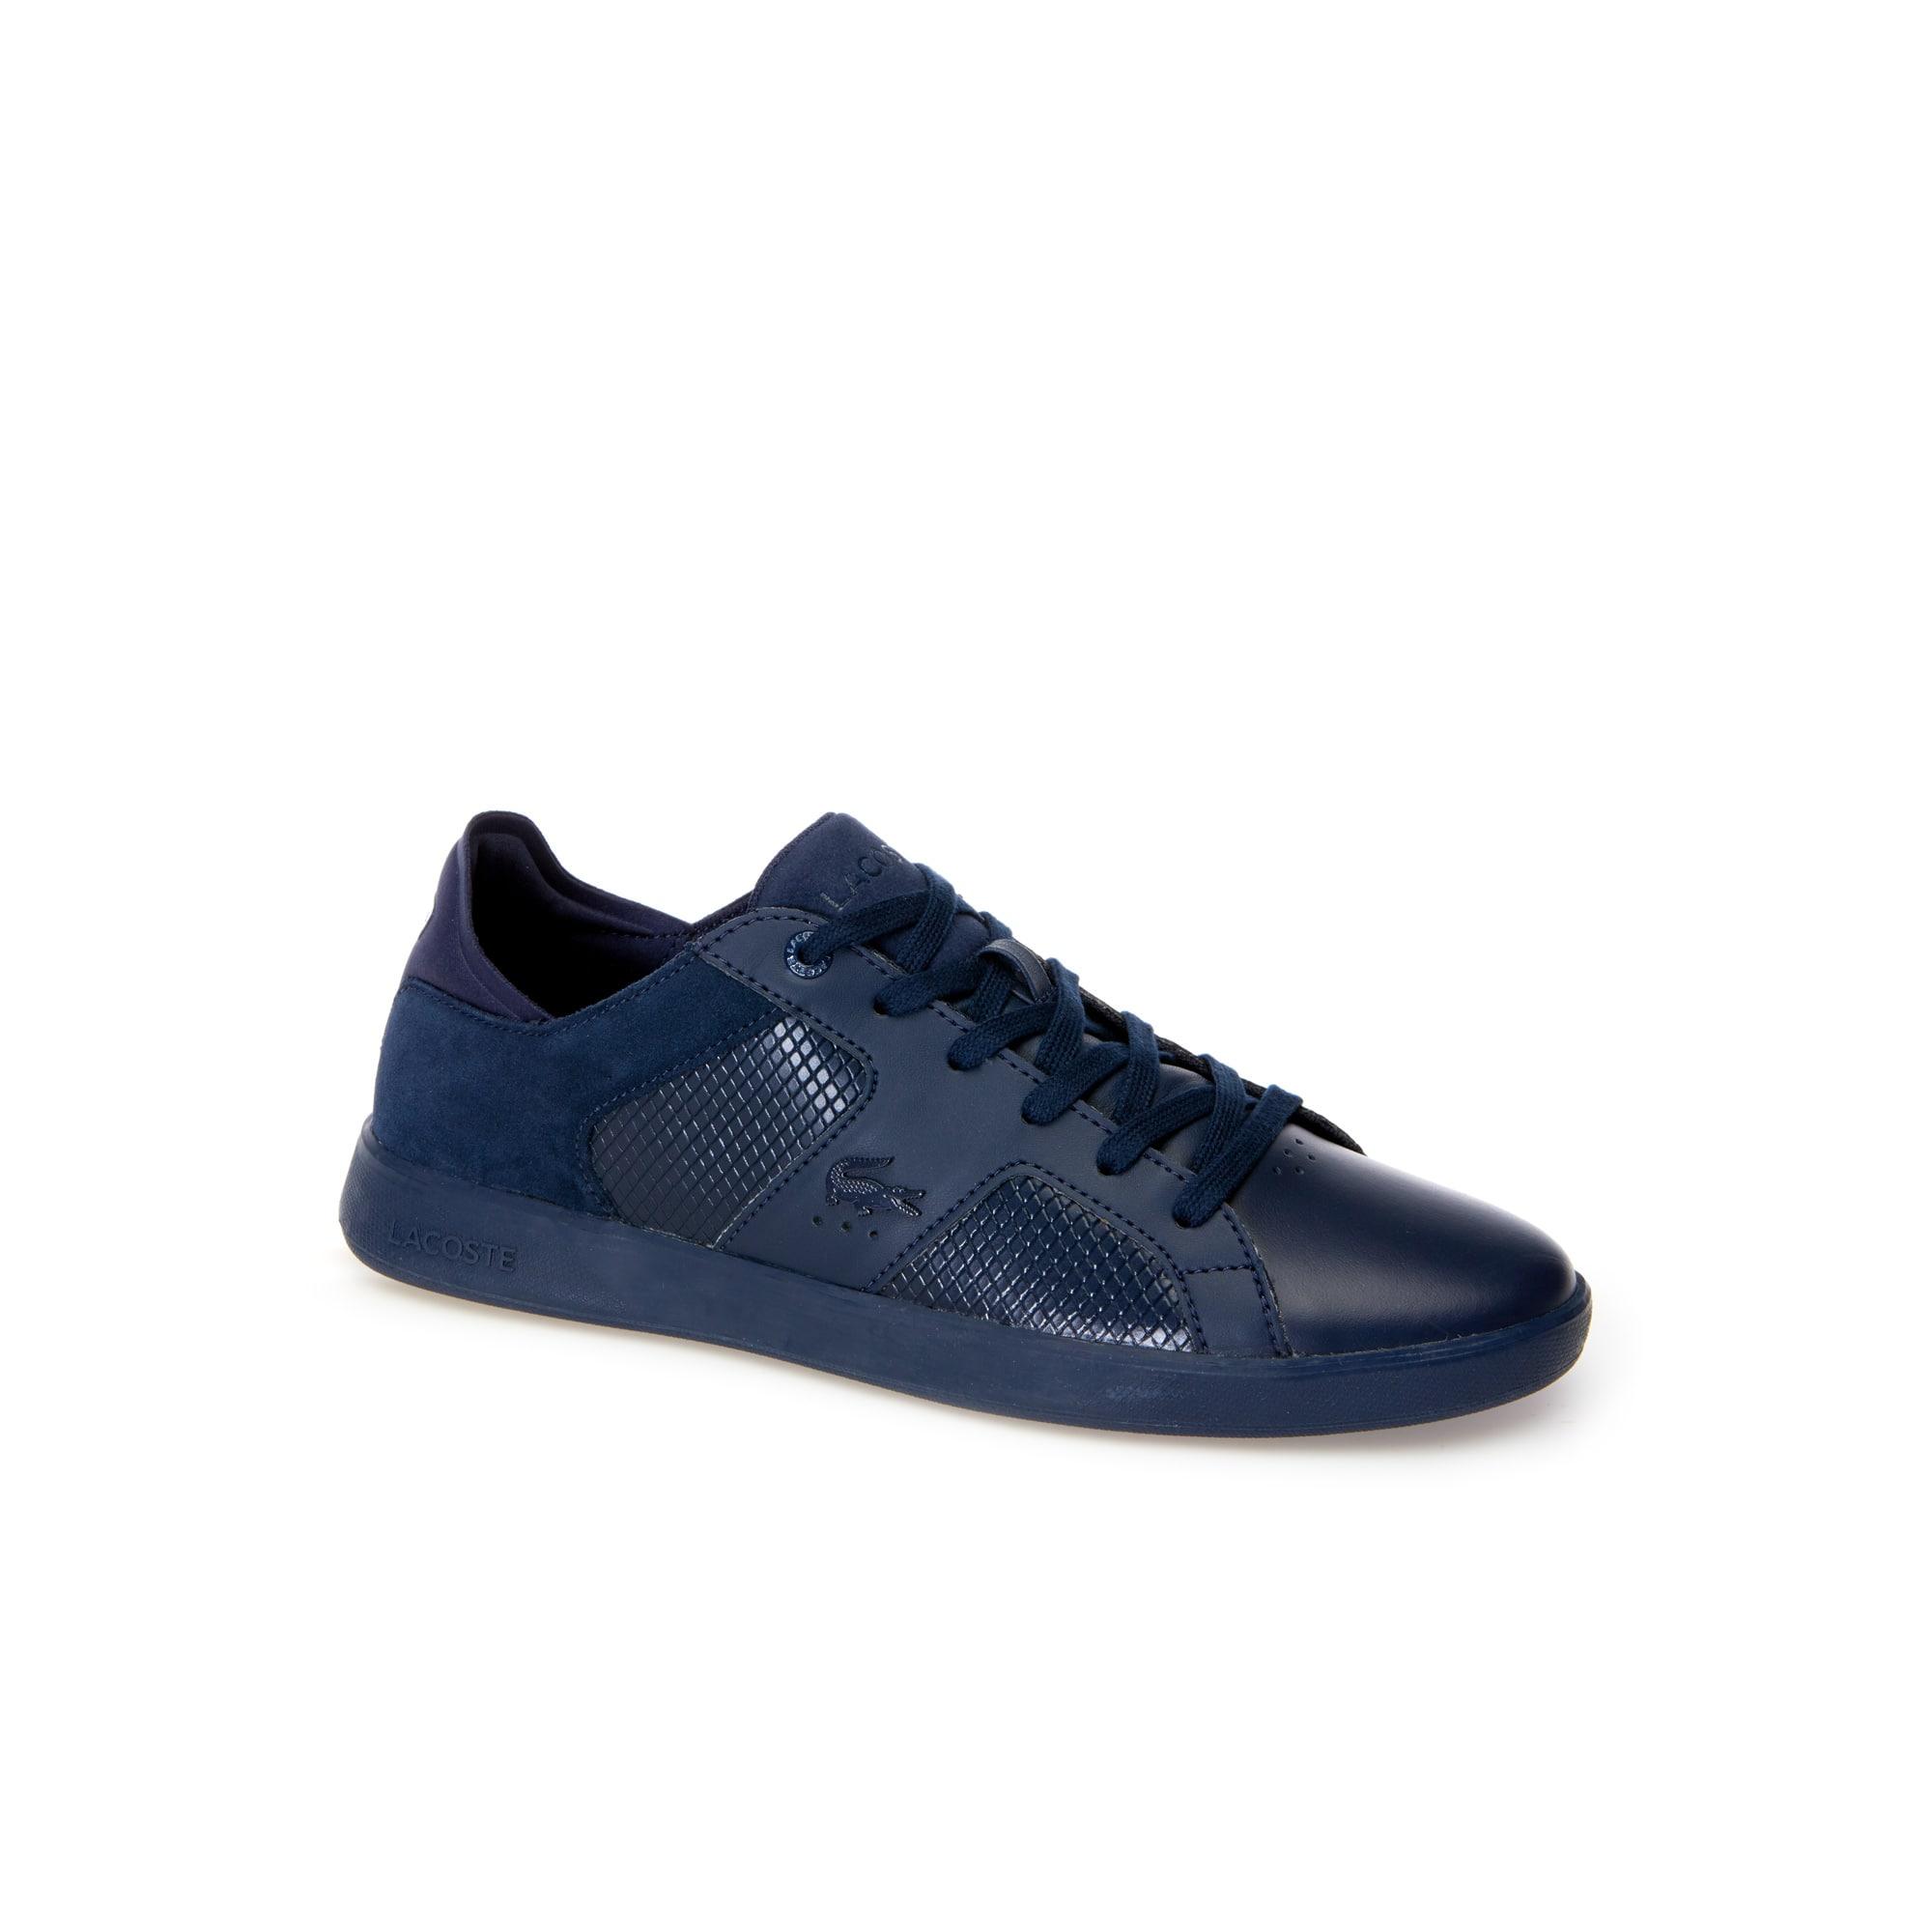 Sneakers Novas en cuir, suède et synthétique